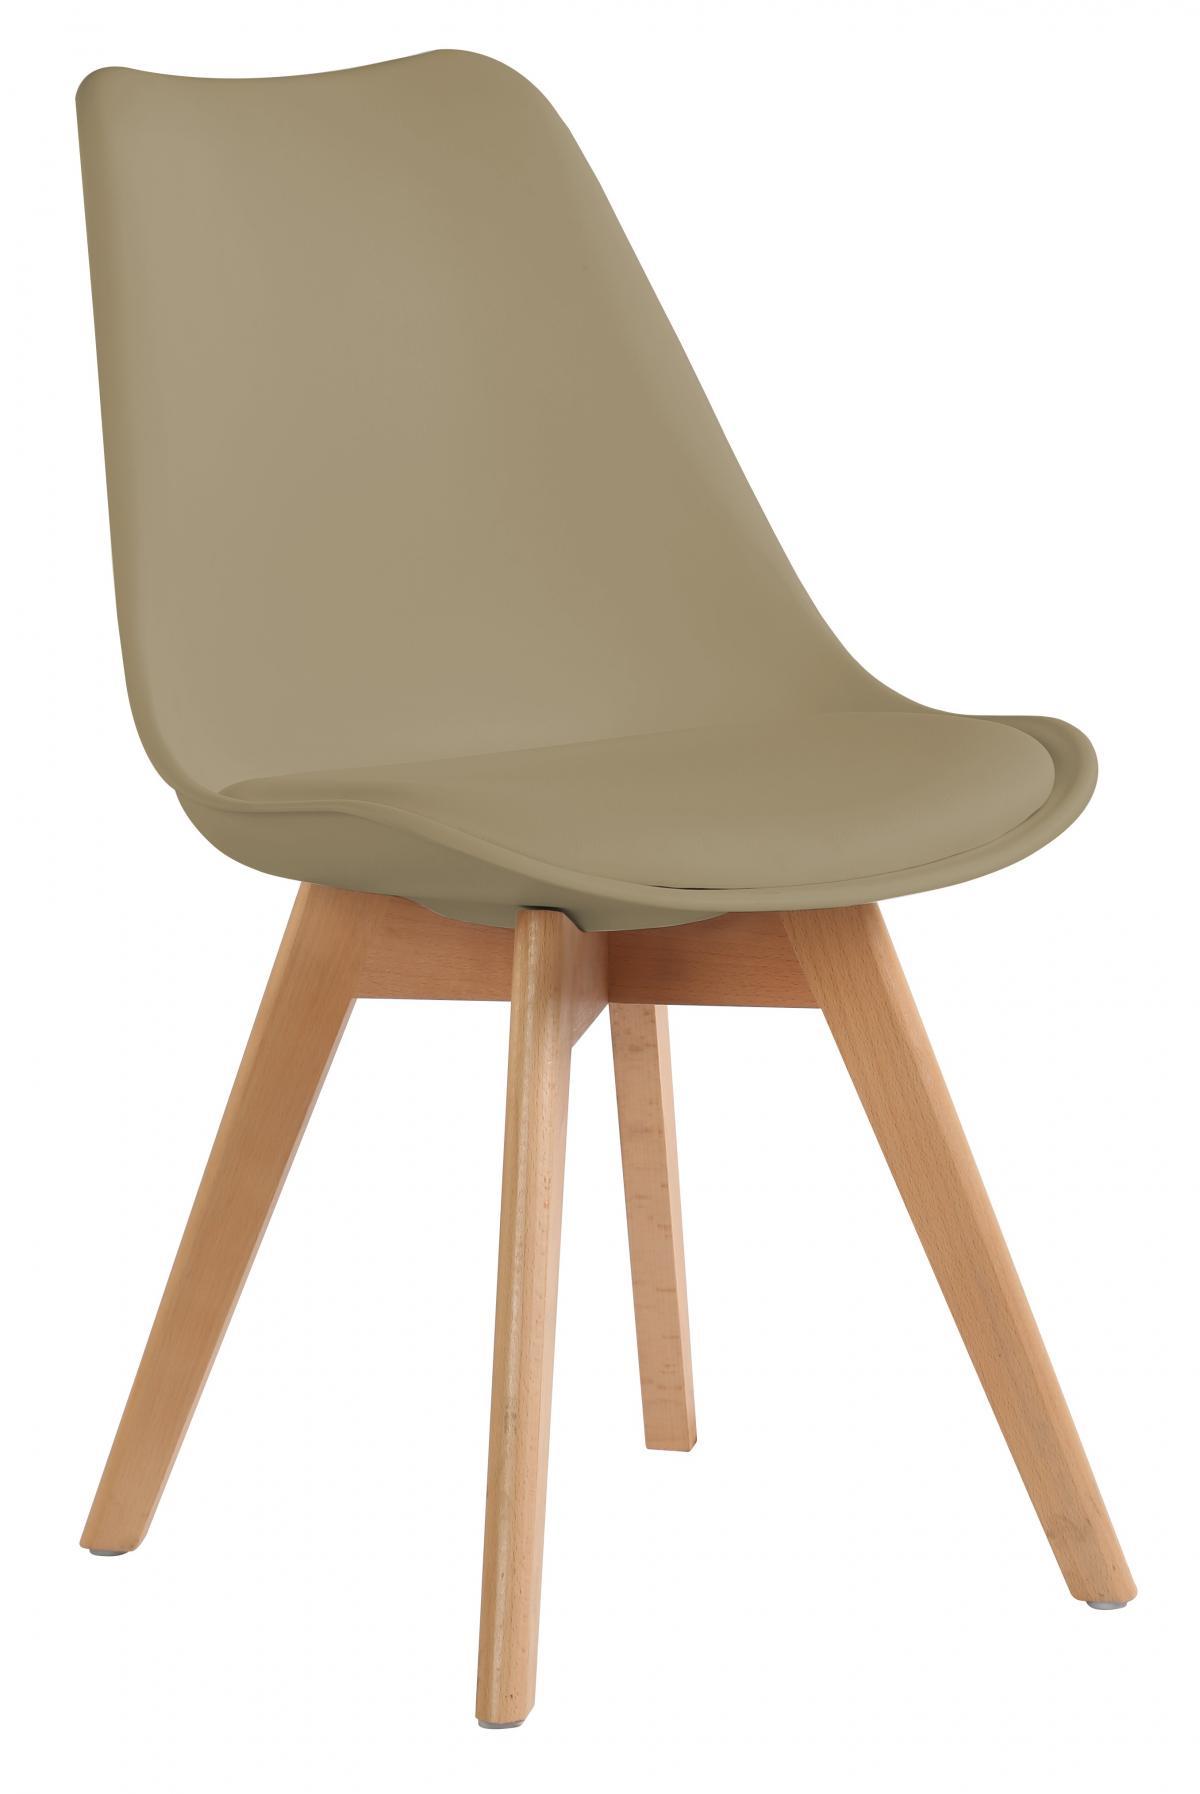 כיסא לפינת אוכל דגם TULIP בז'